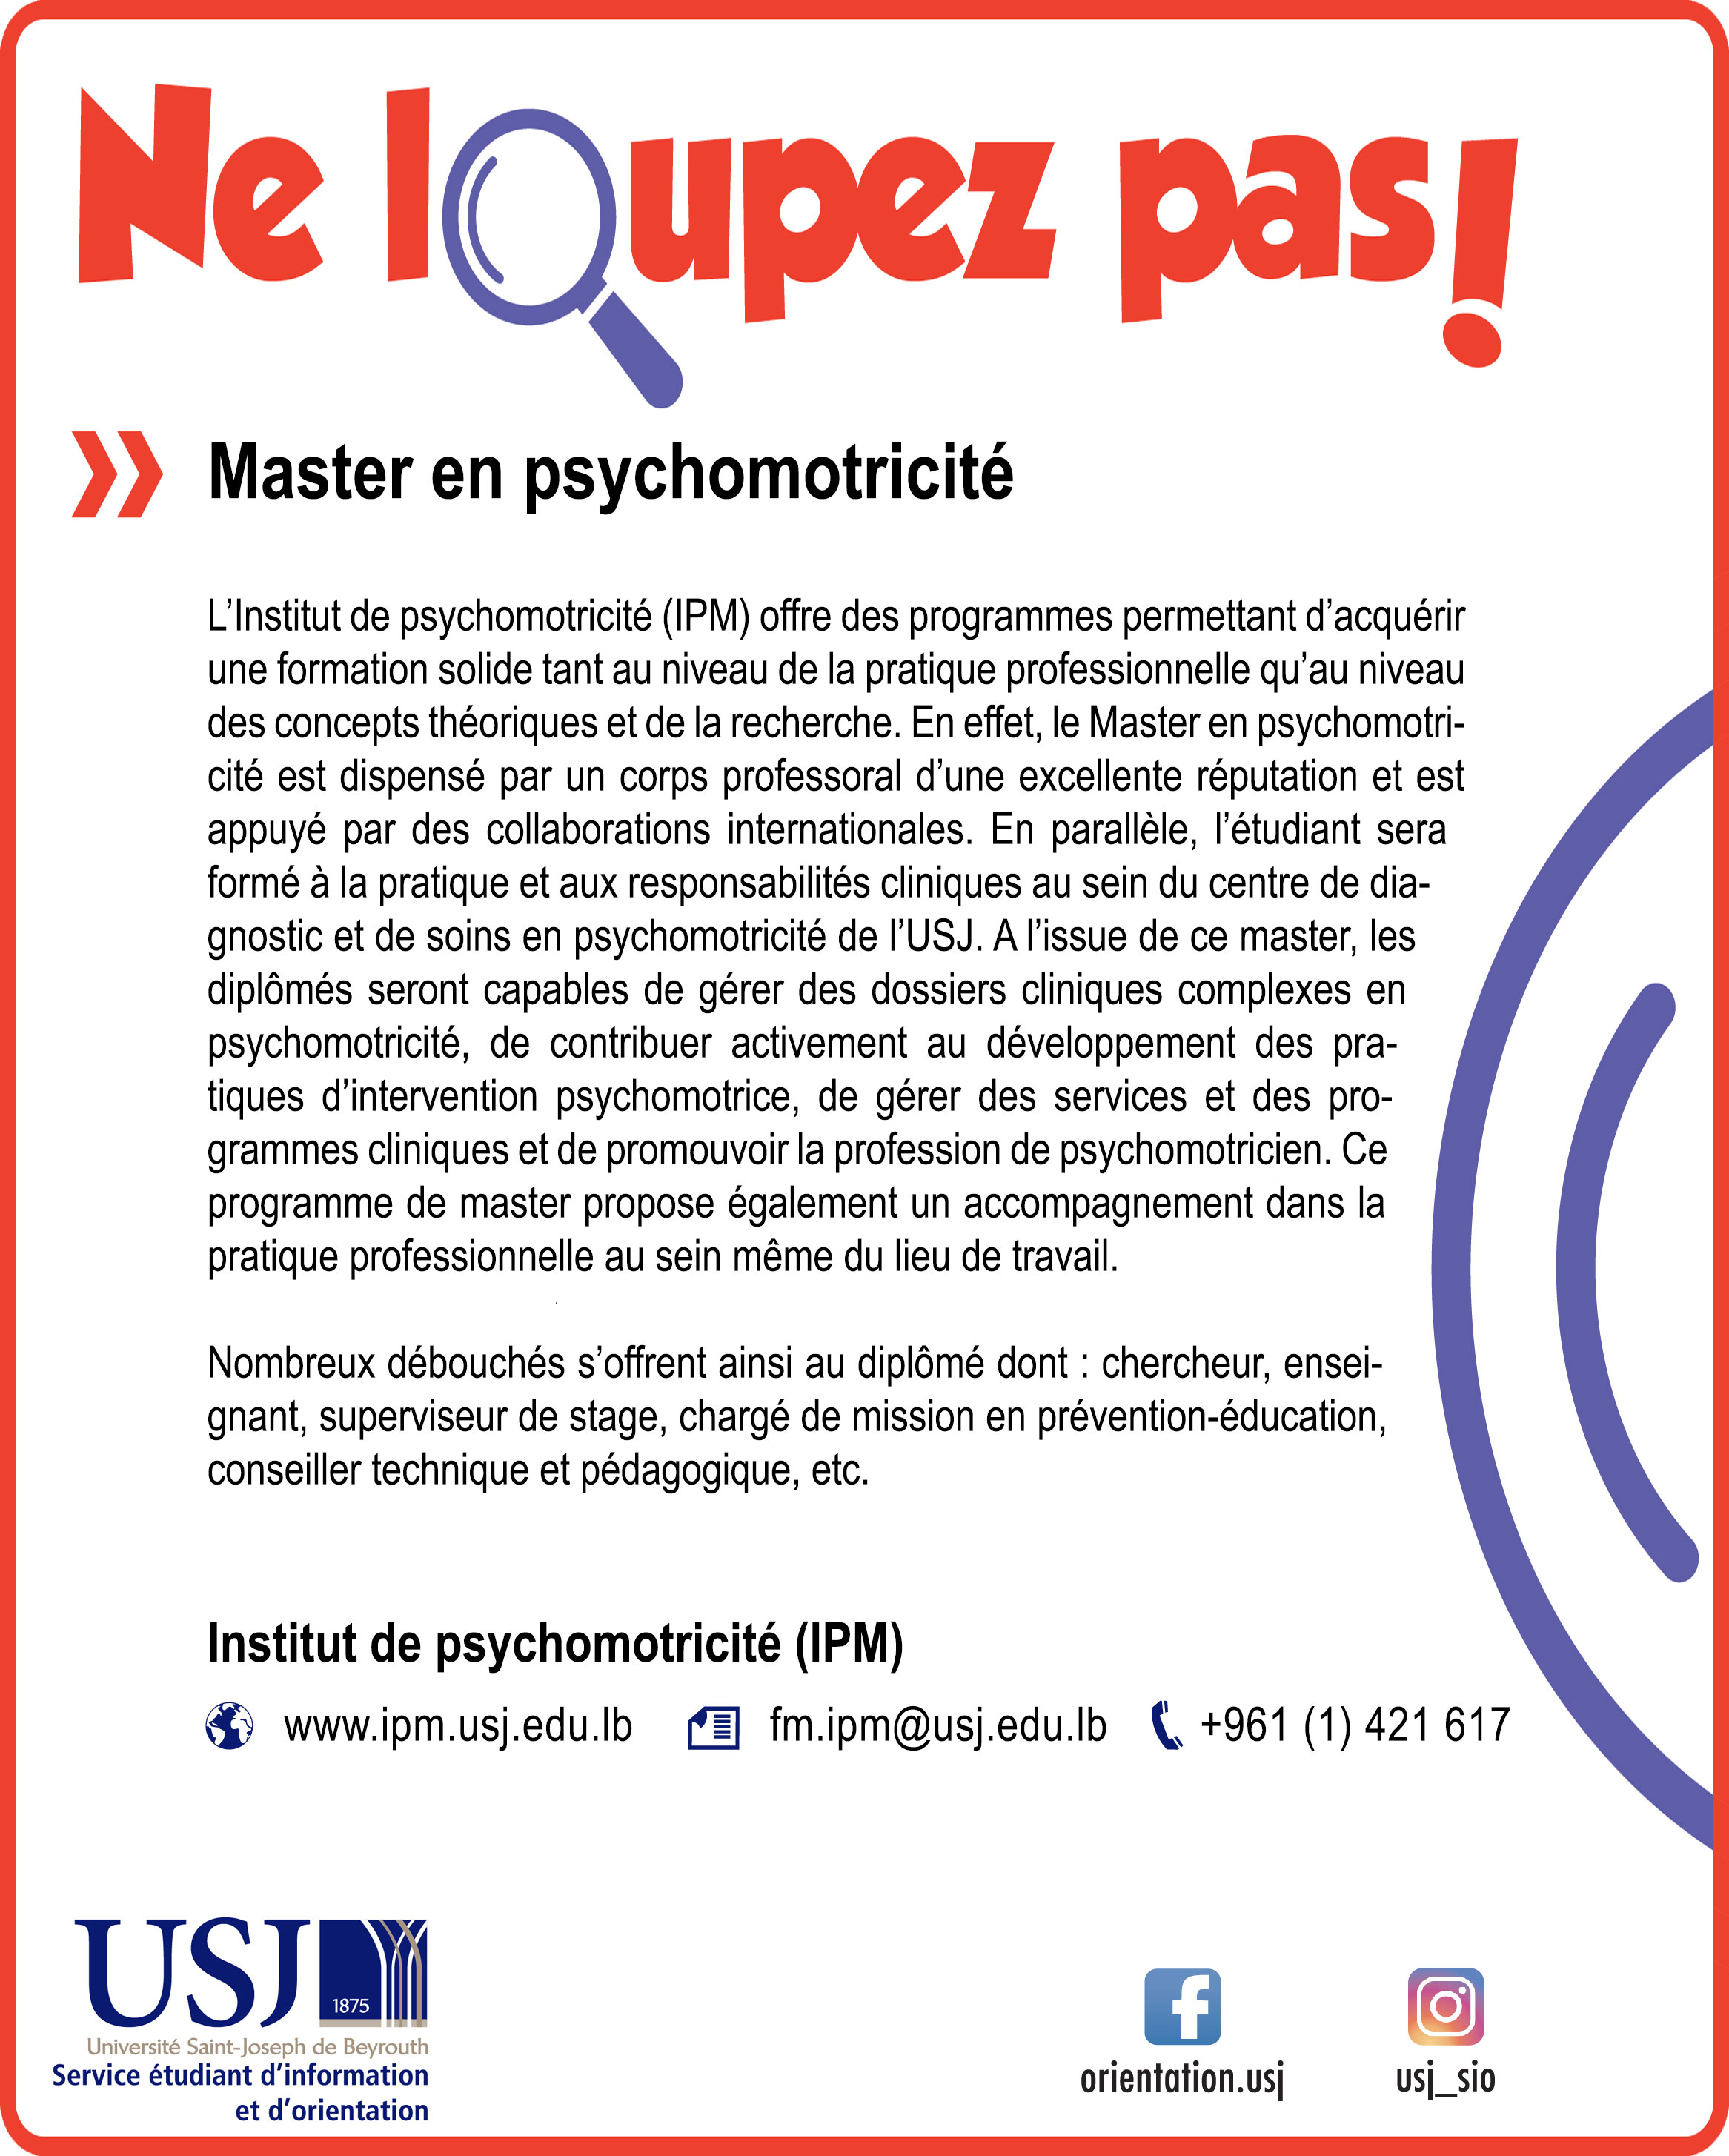 Master en psychomotricité